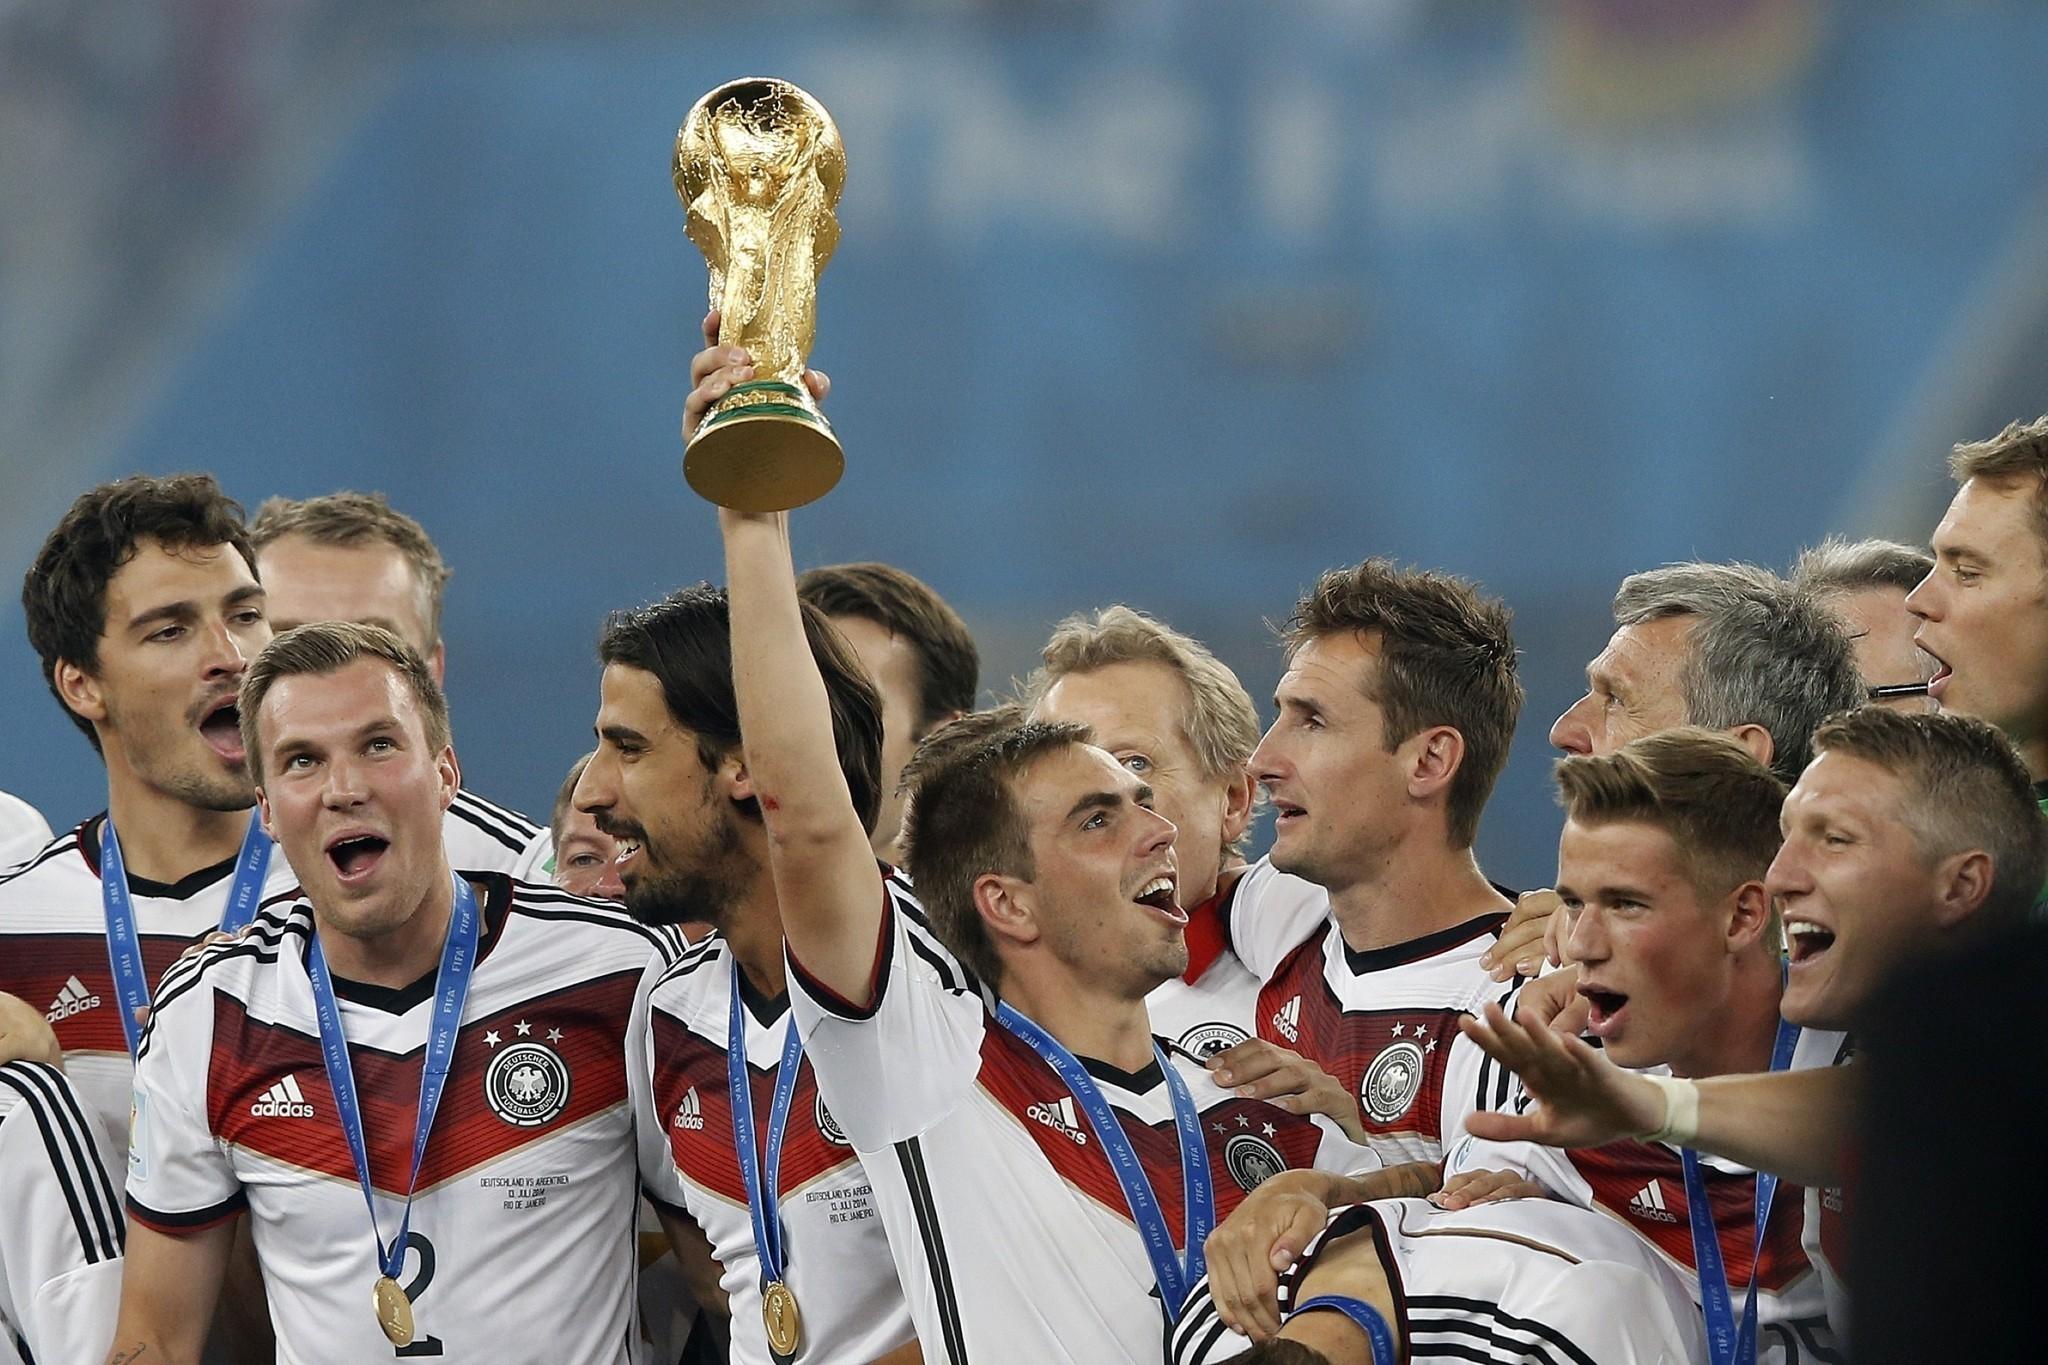 Risultati immagini per lahm world cup